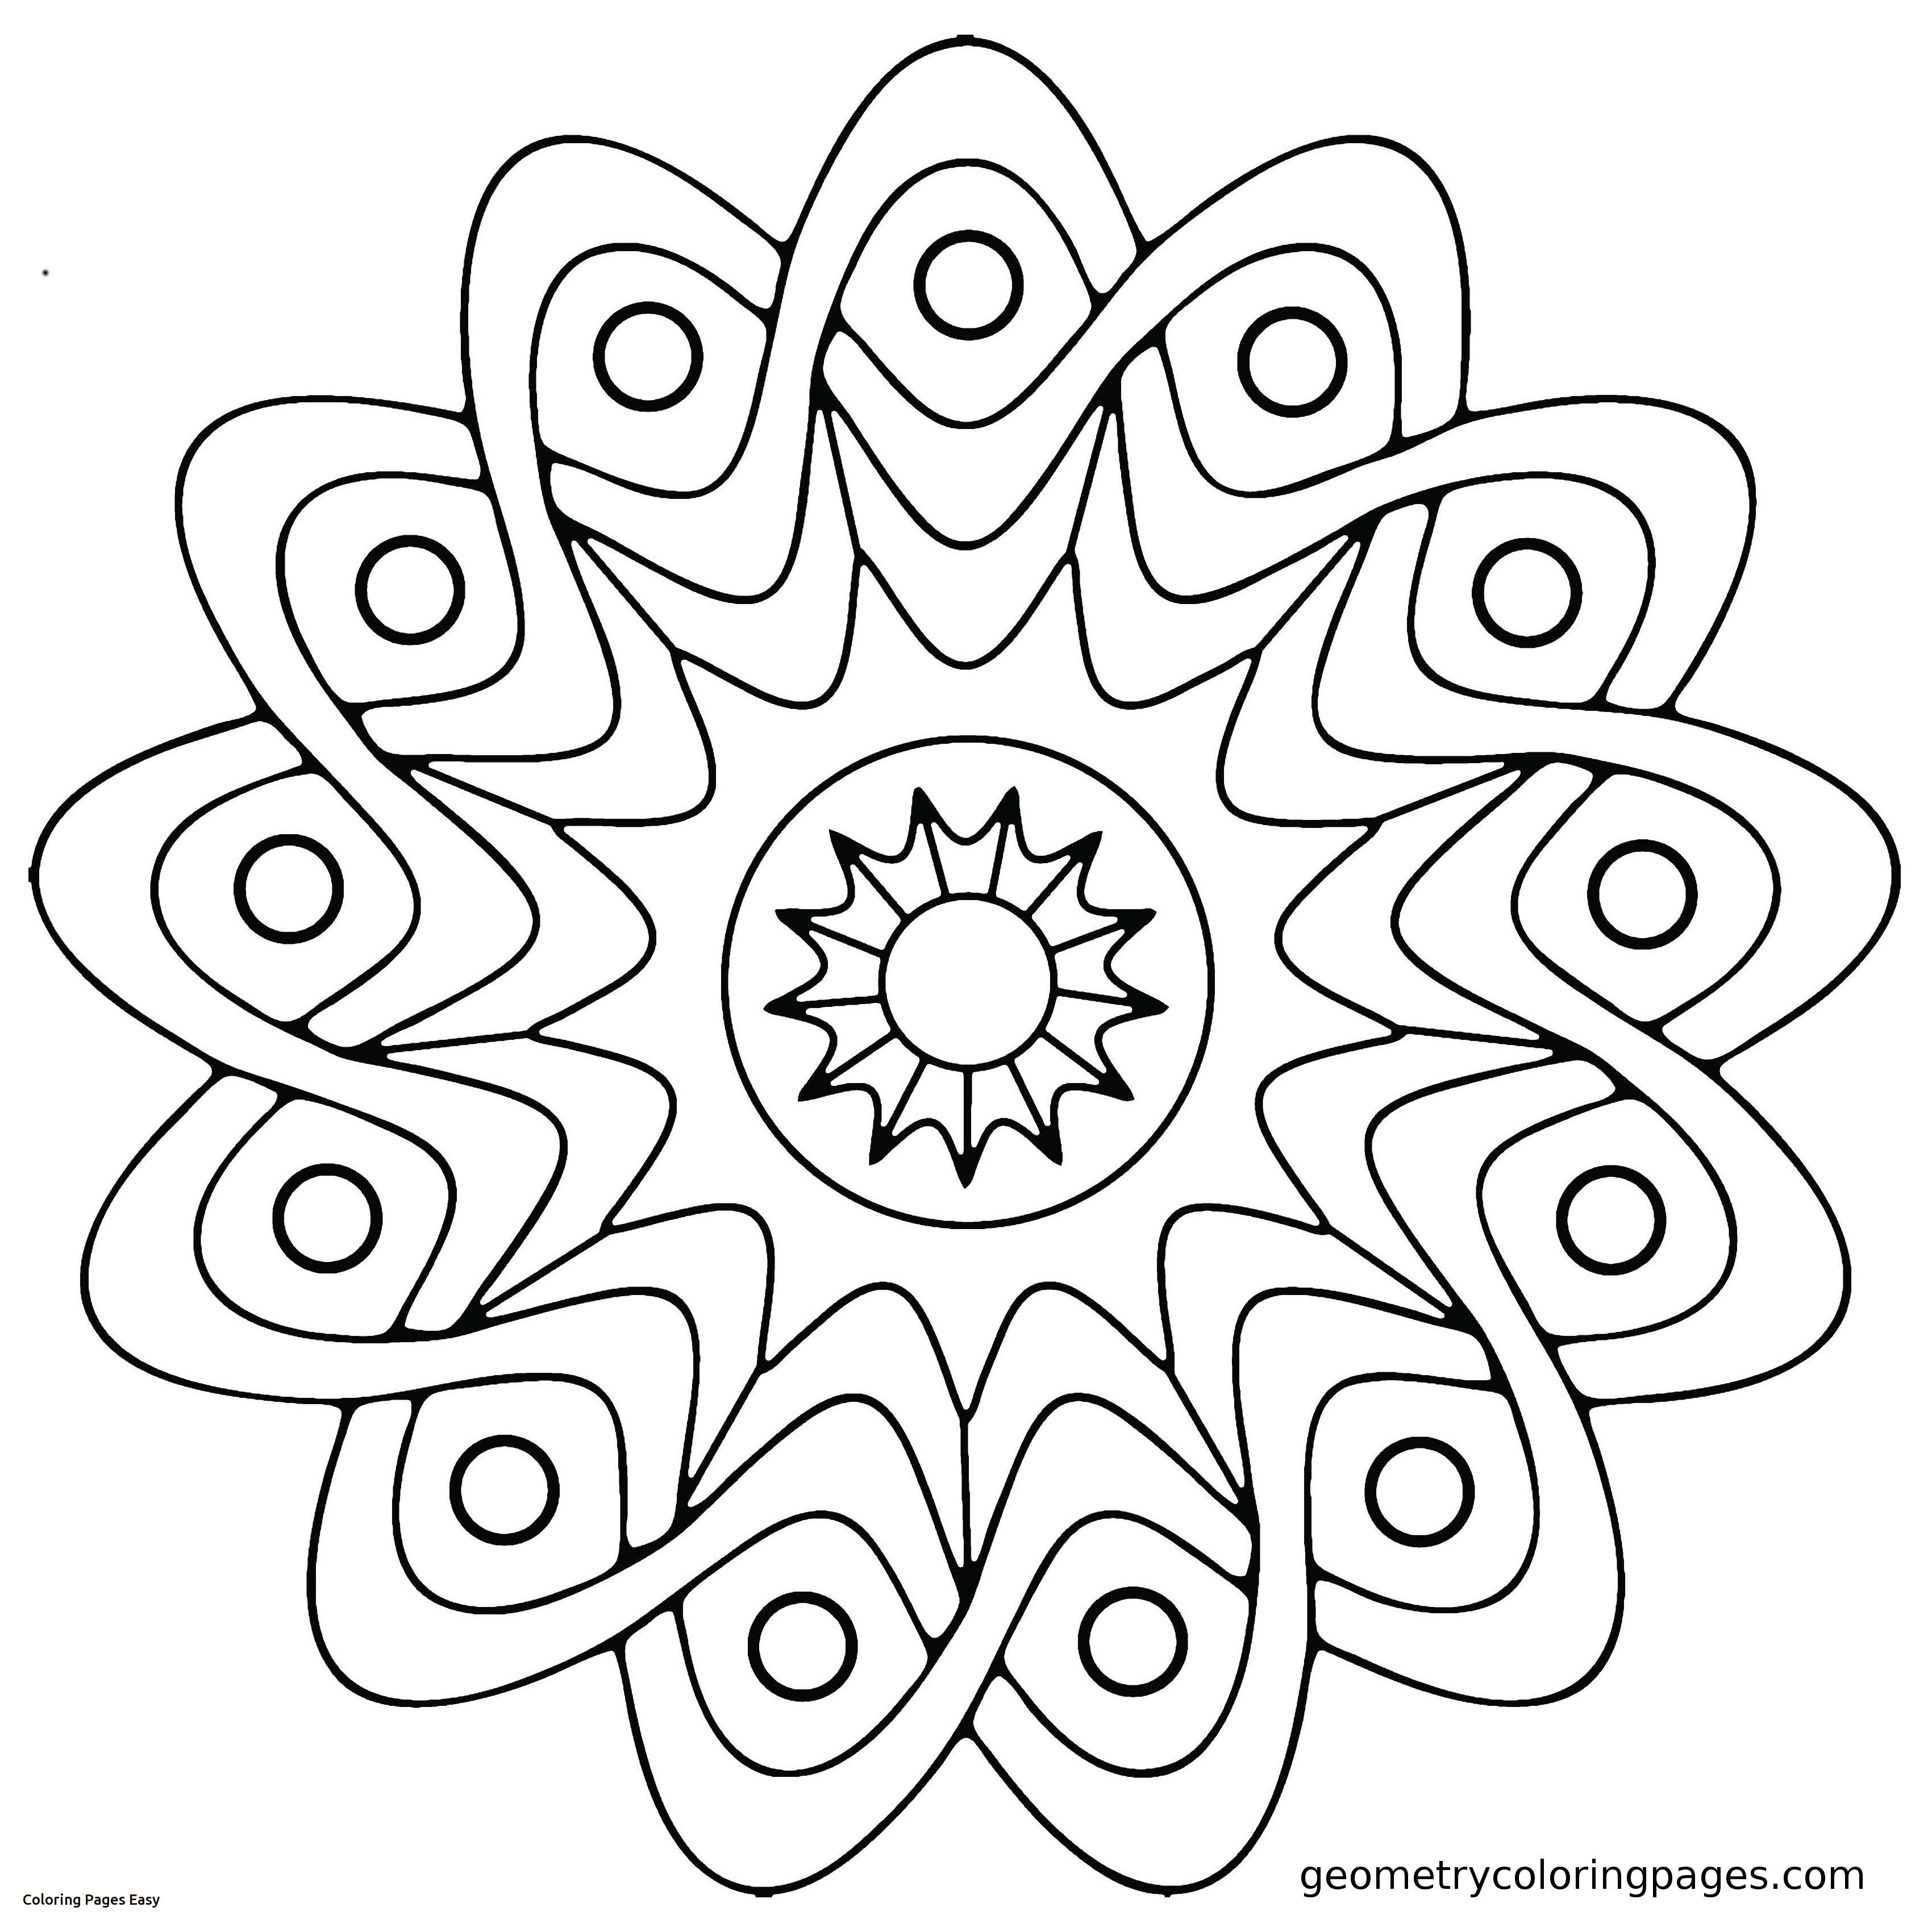 3400x3400 Simple Mandala Flower Coloring Pages Get Bubbles